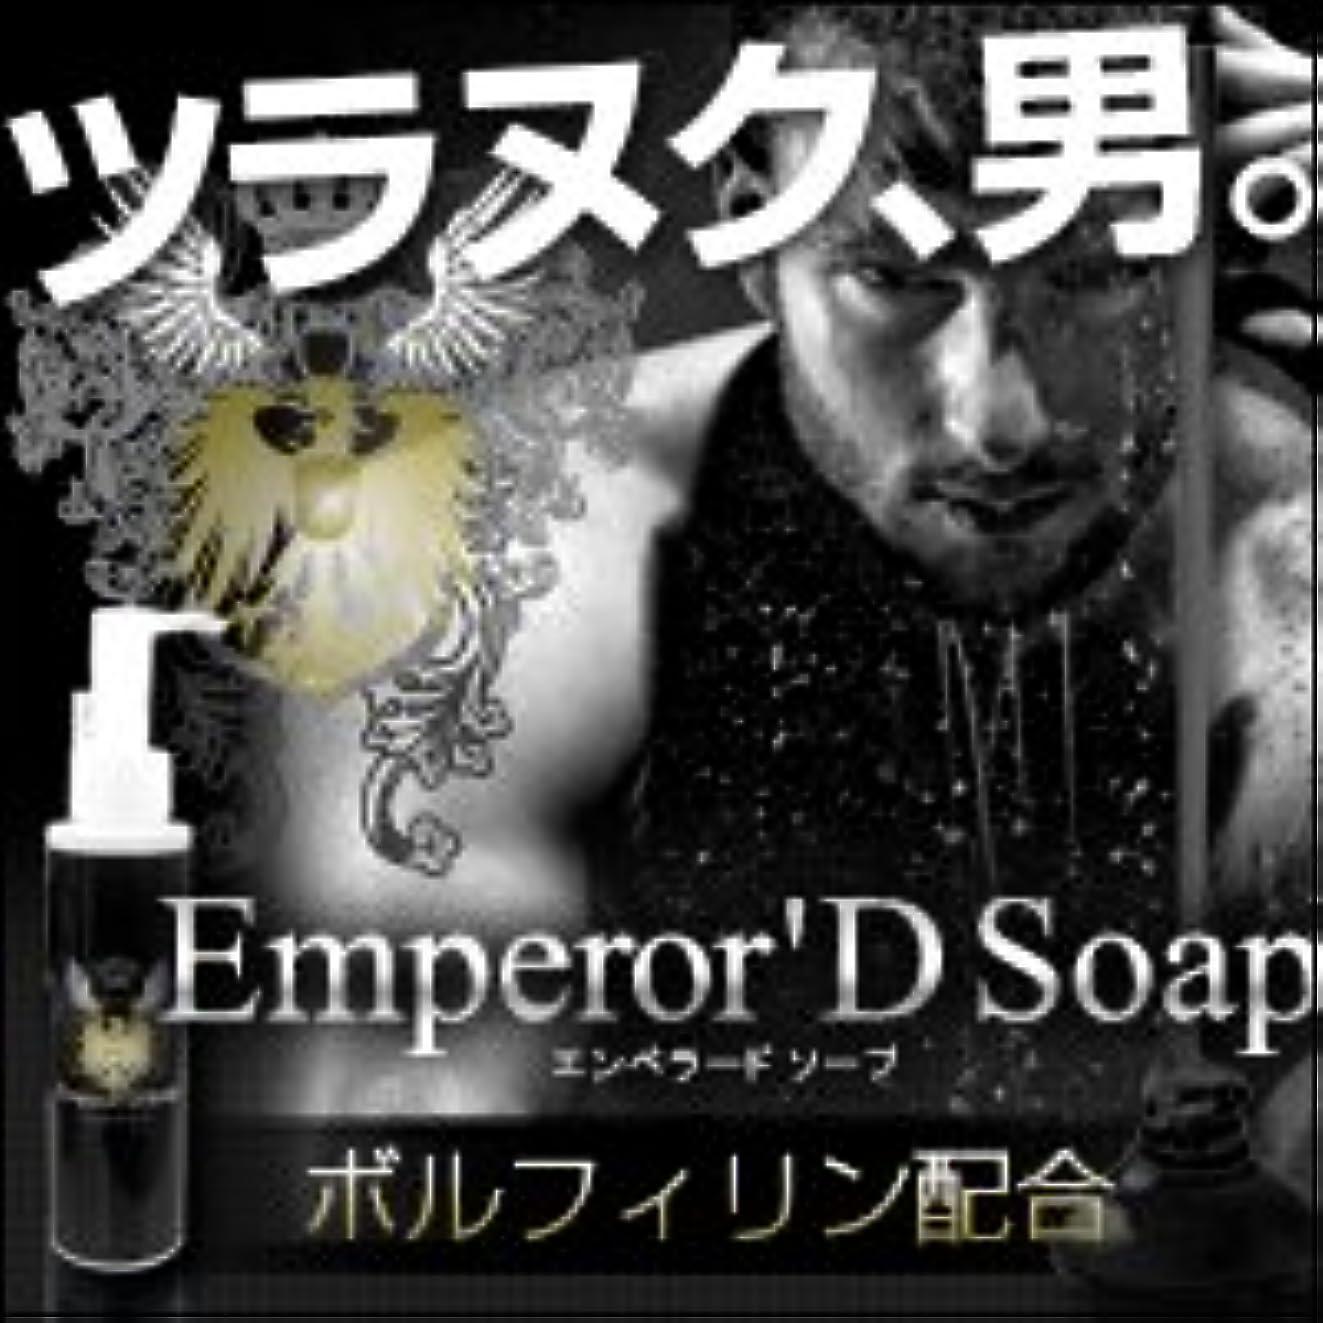 明快ビジネス摂氏度【Emperor'D Soap(エンペラードソープ)】ツラヌク男になる!!!